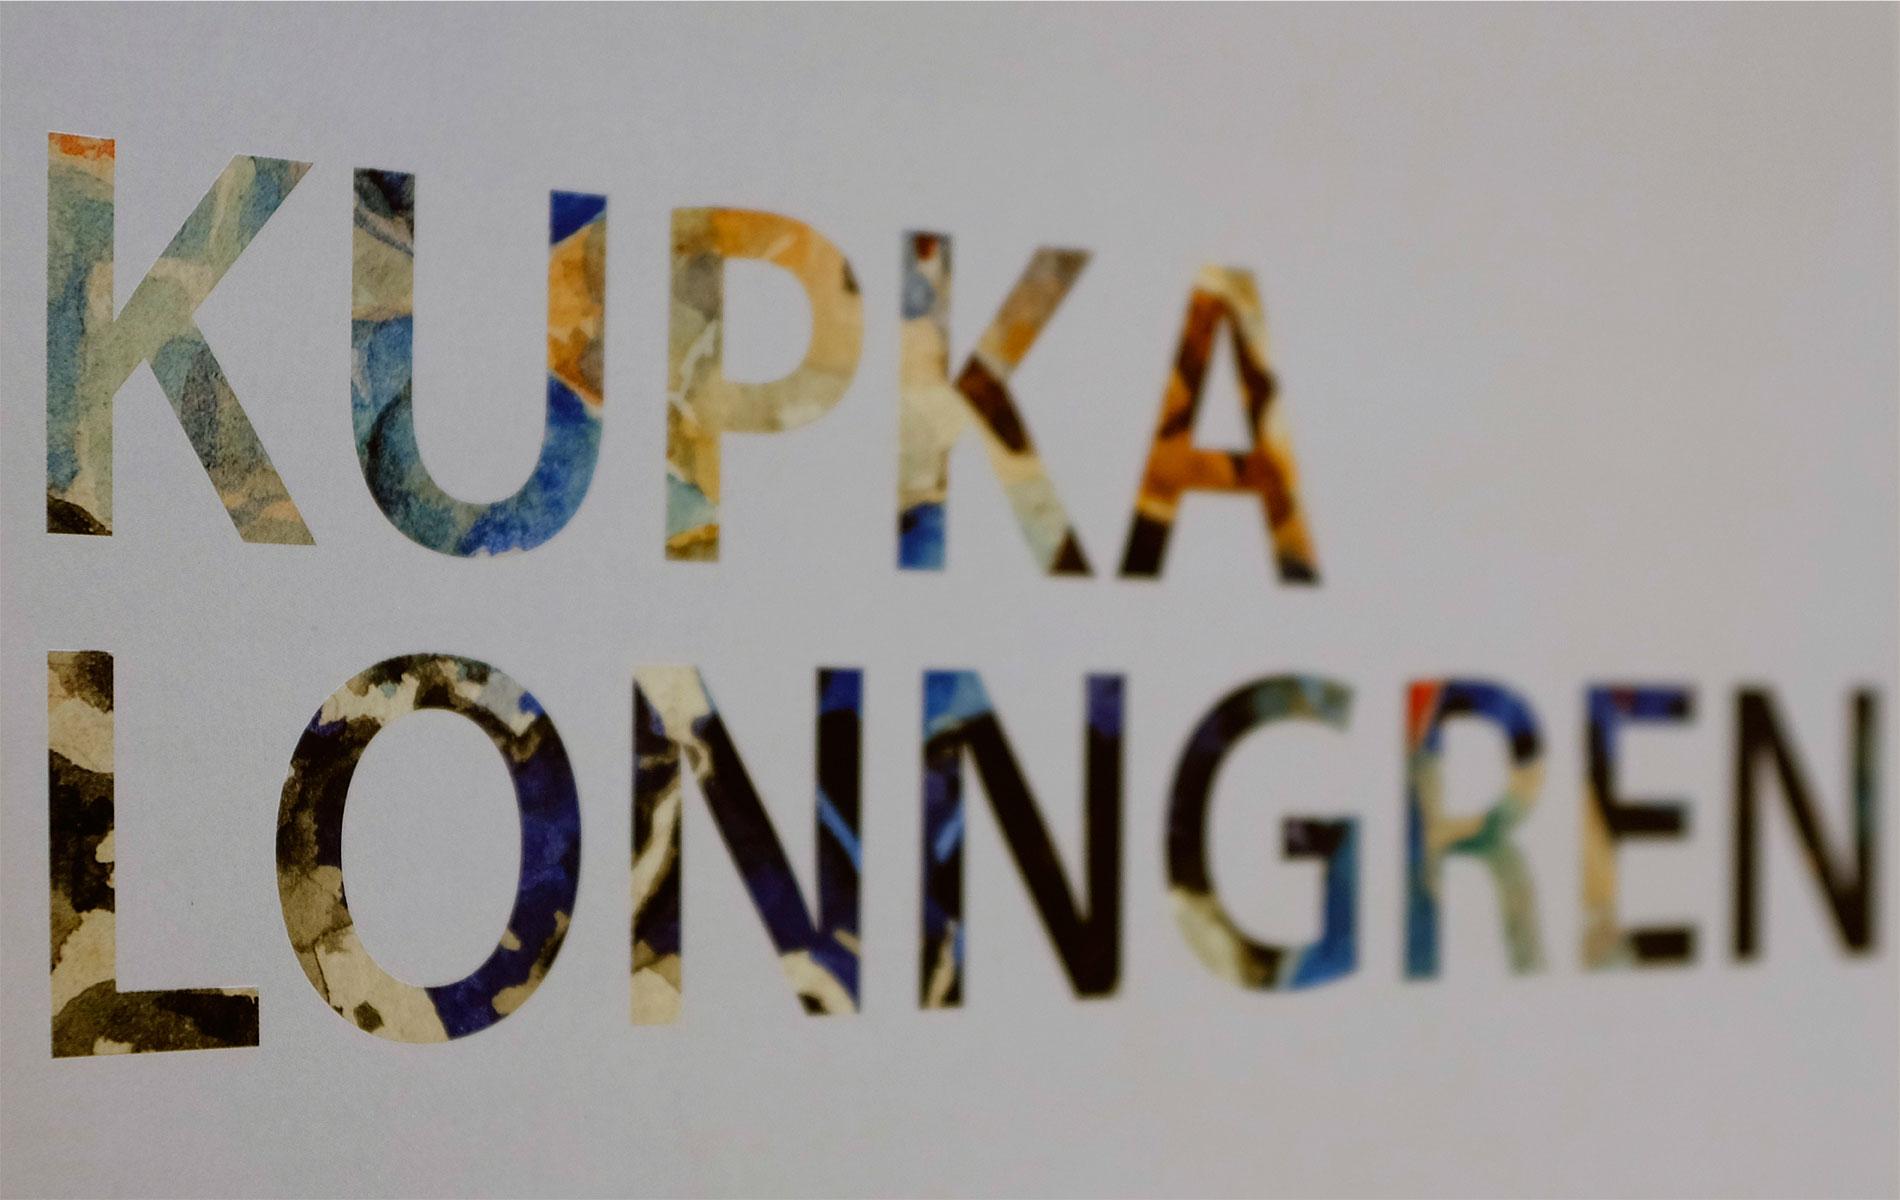 kupka-lonngren_03